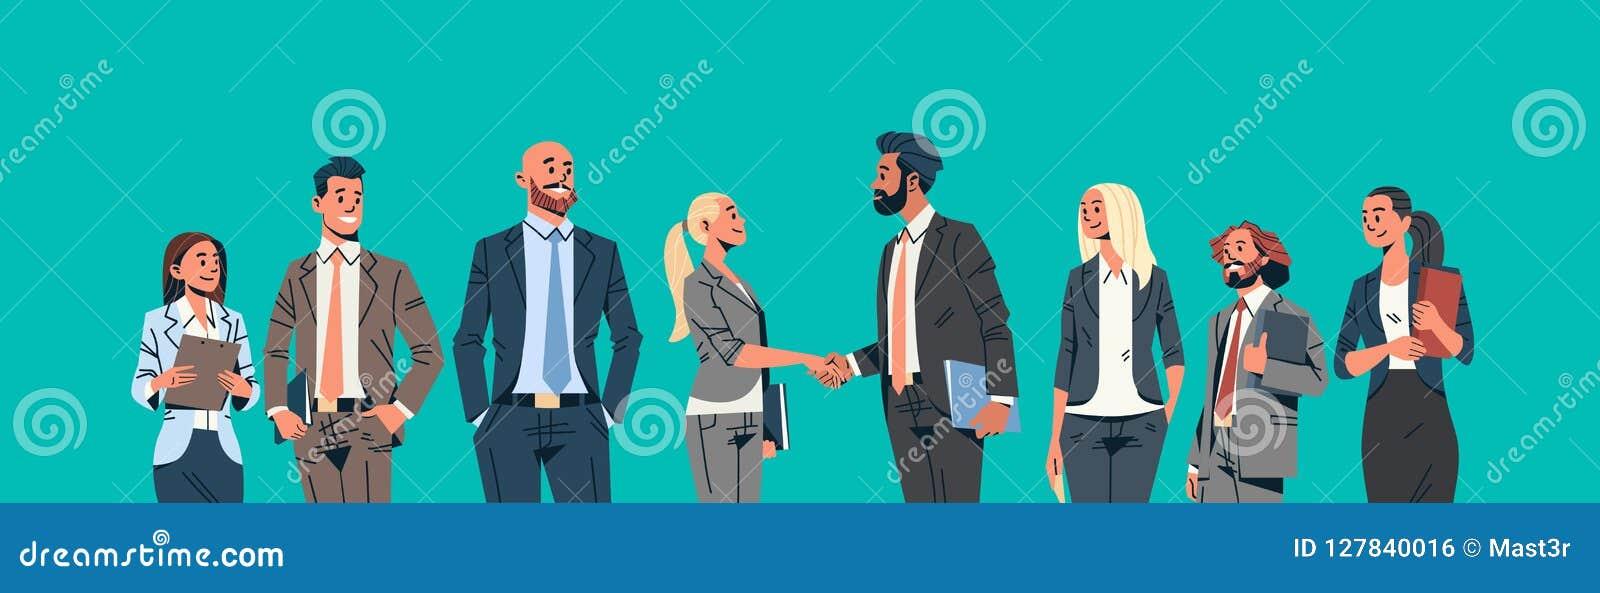 Kvinnlig för man för möte för ledare för lag för kvinnor för affärsmän för begrepp för överenskommelse för skaka för hand för gru